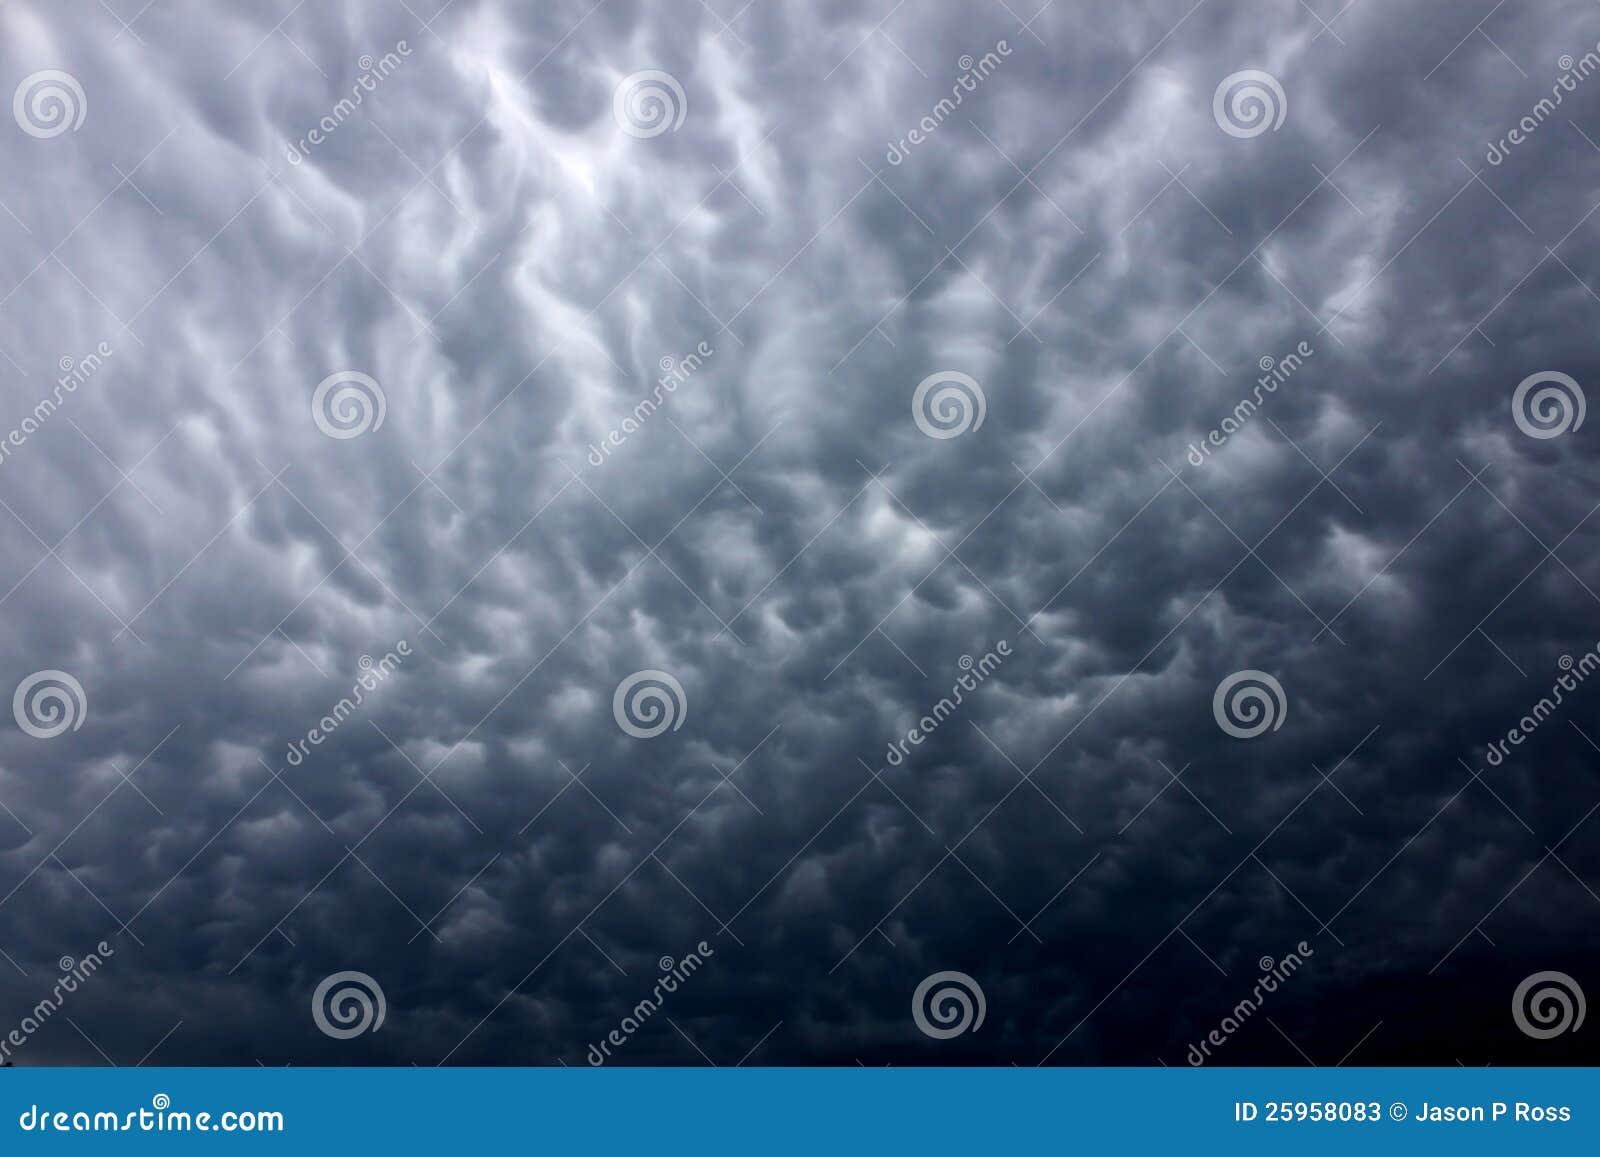 Dark Thunderstorm Clouds